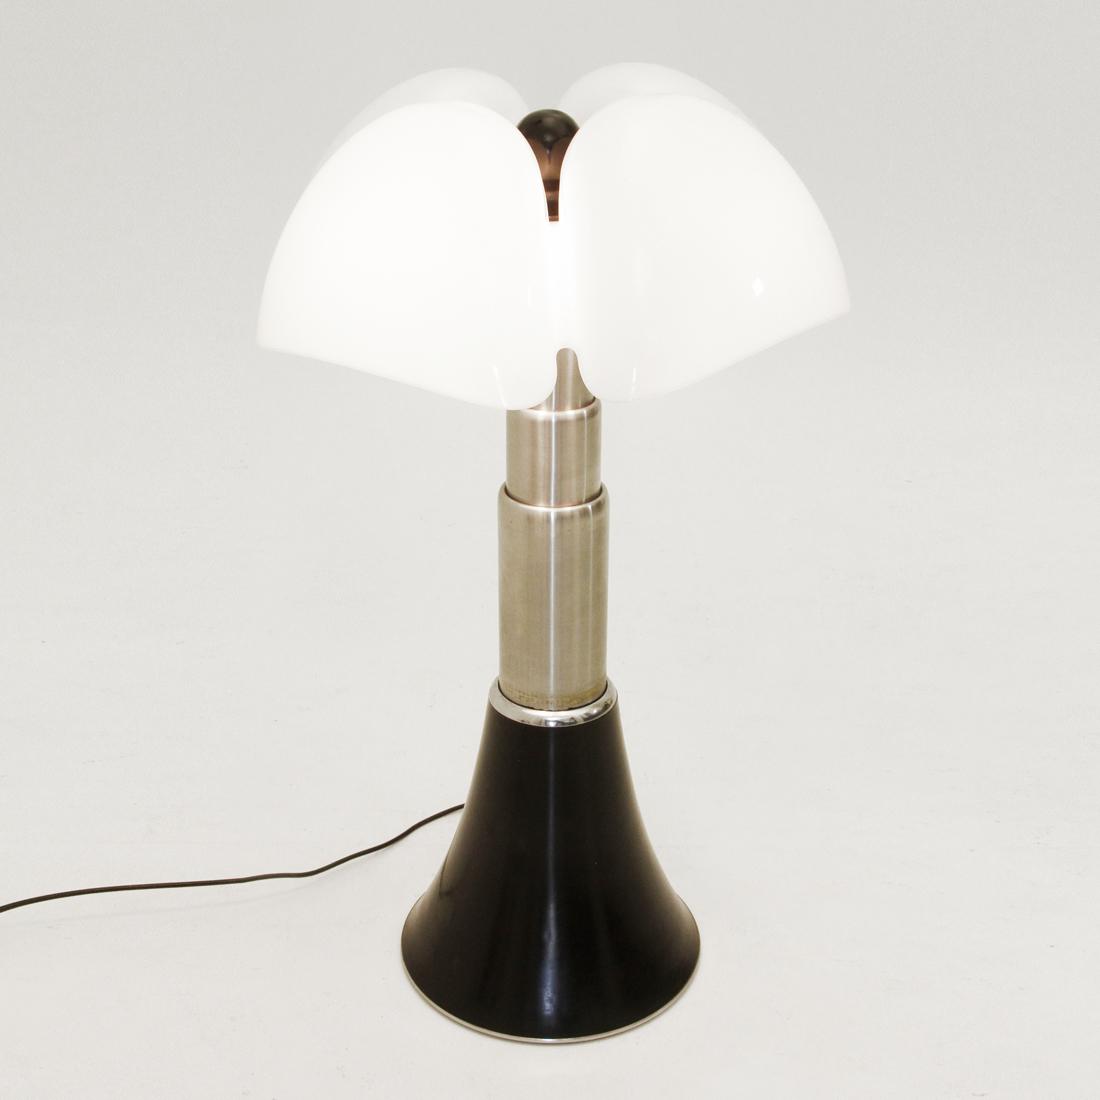 Lampada Pipistrello design Gae Aulenti per Martinelli Luce